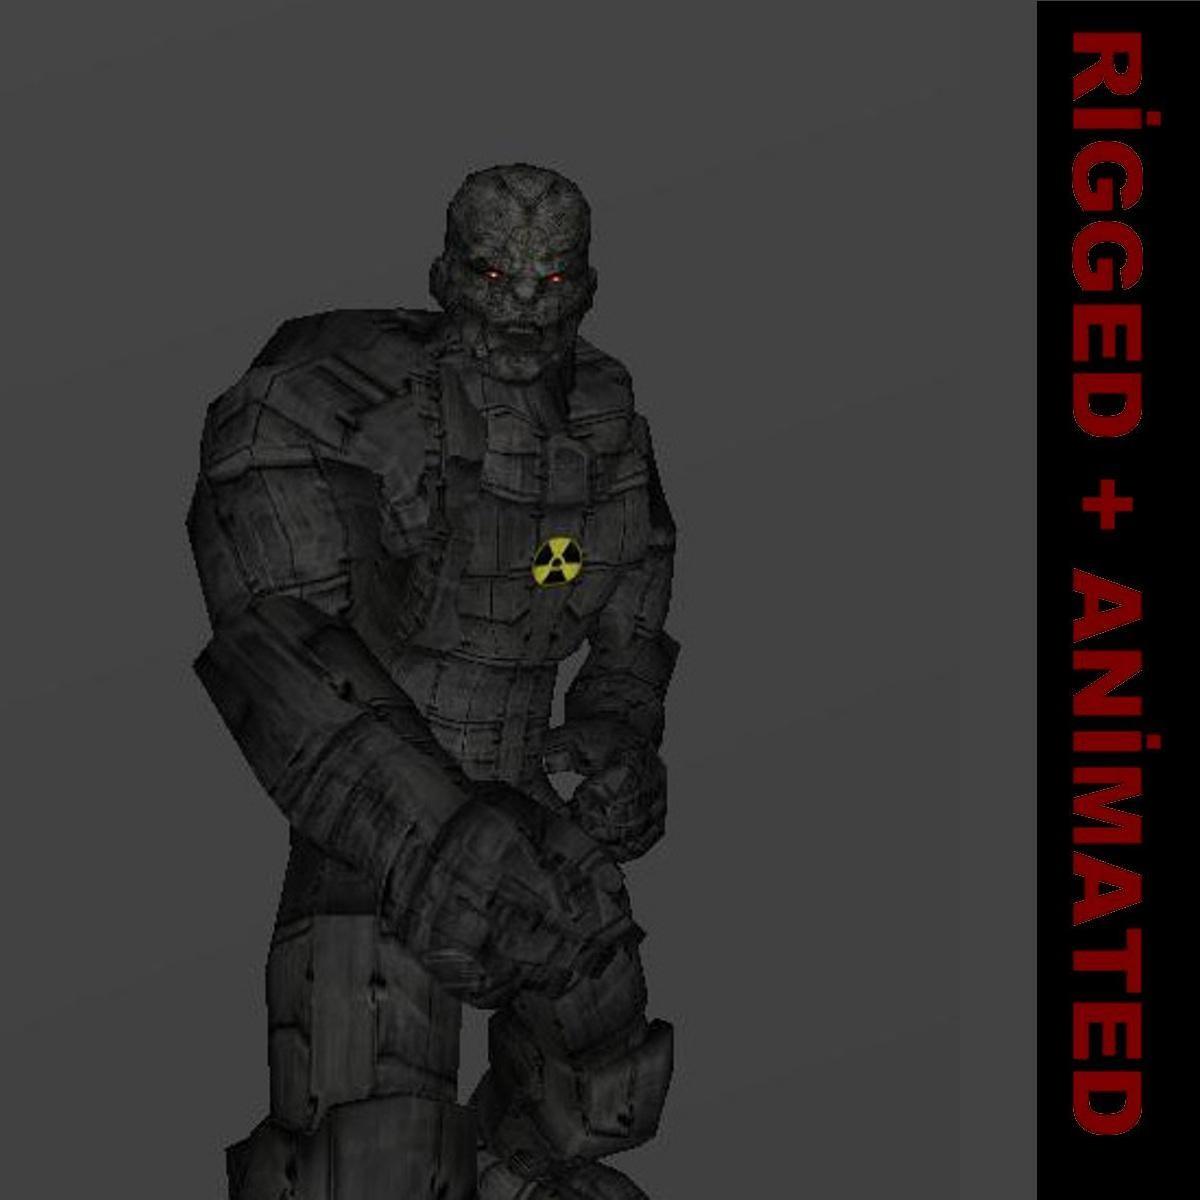 fps creator character 3d model